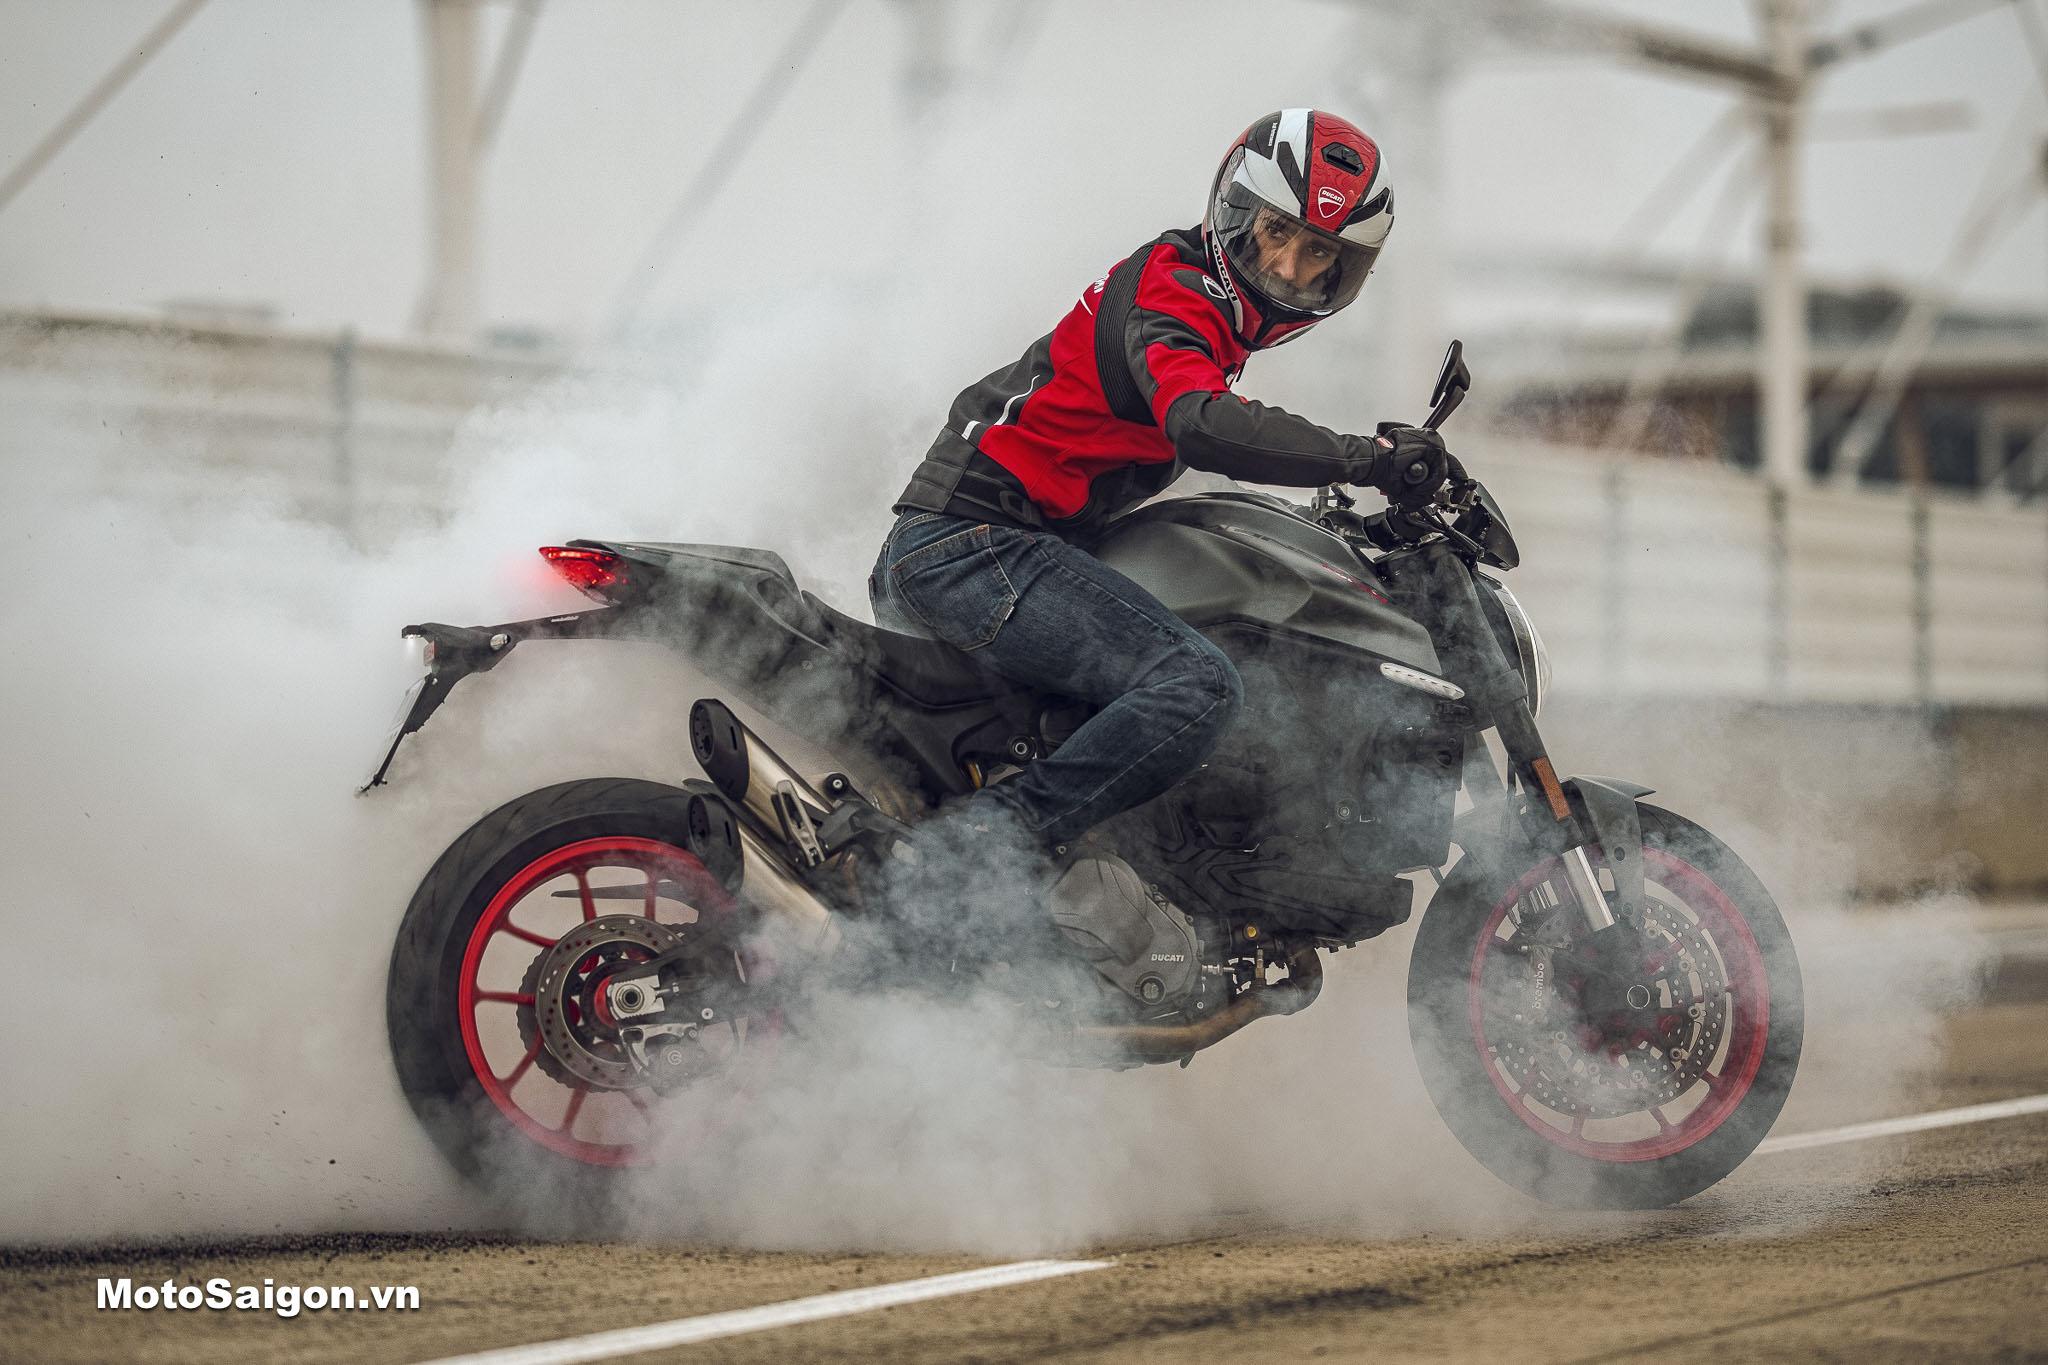 Ducati Monster 2021 phiên bản tiêu chuẩn và phiên bản cao cấp Monster Plus